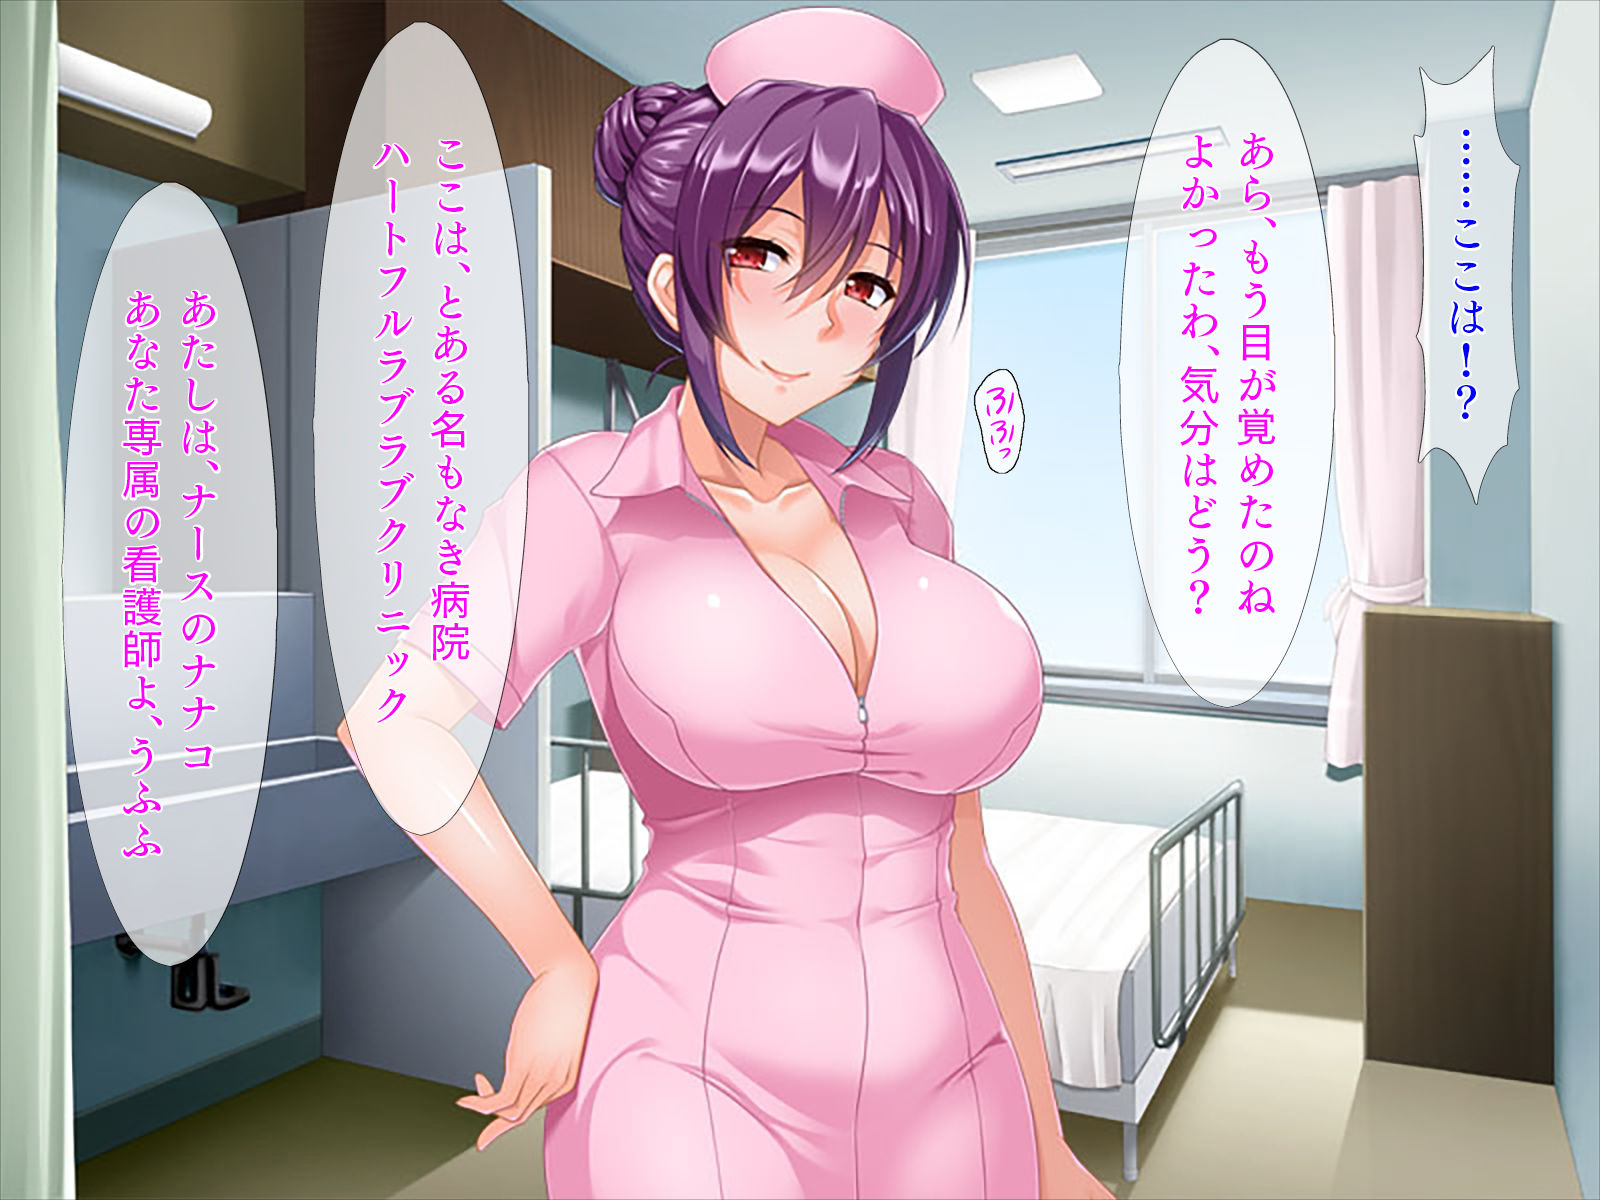 【TGA 同人】巨乳看護師の筆おろしクリニック